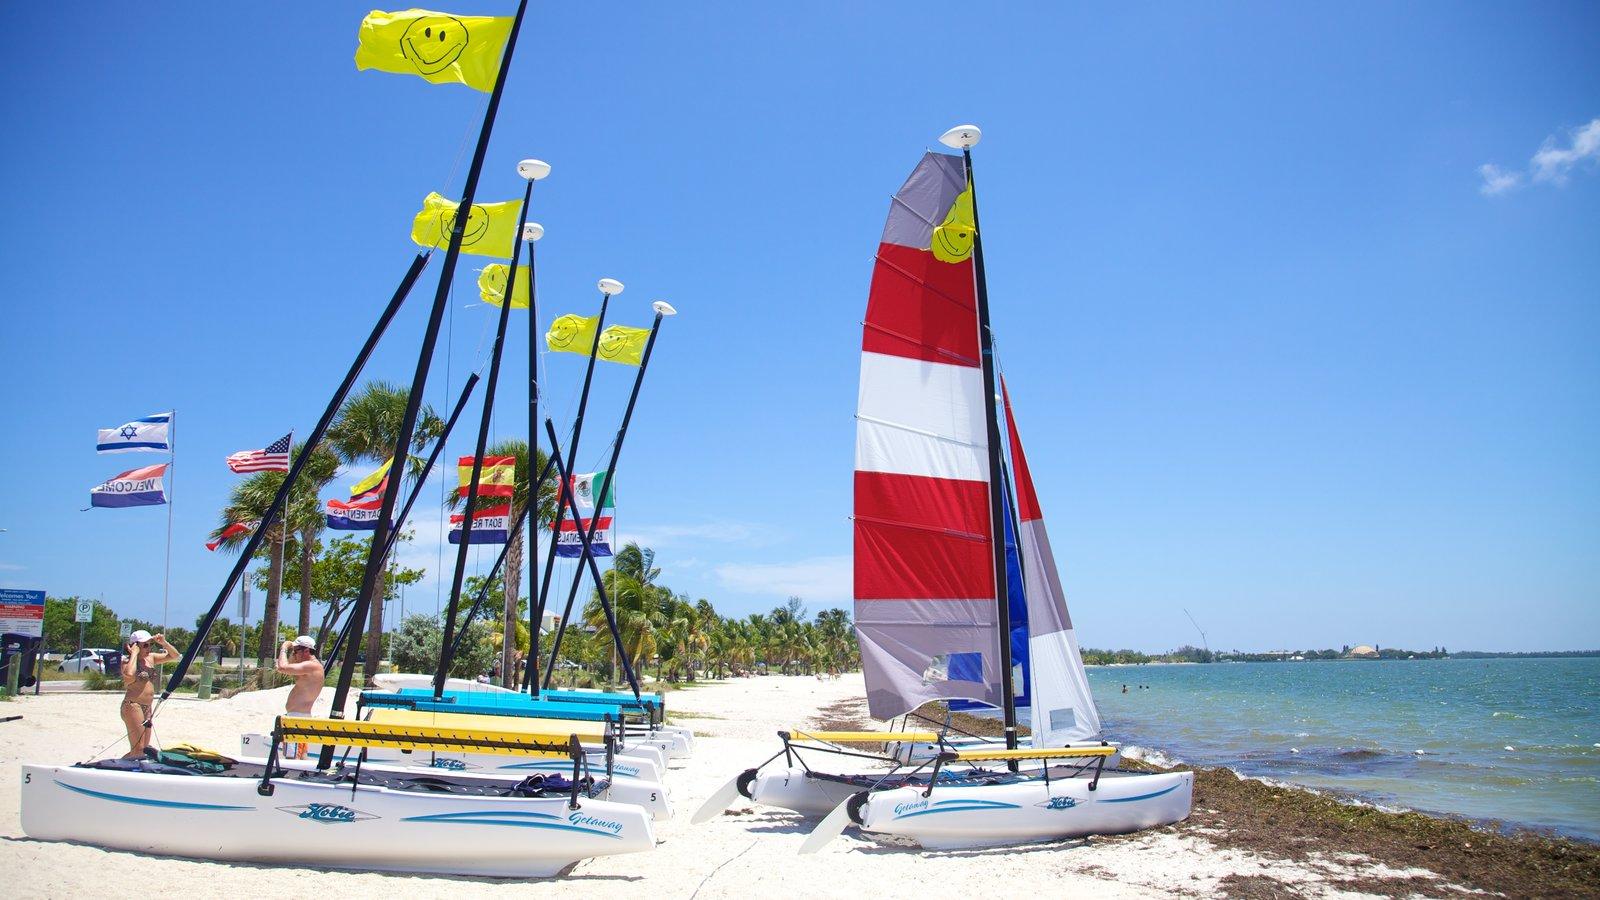 Key Biscayne caracterizando uma praia e paisagem